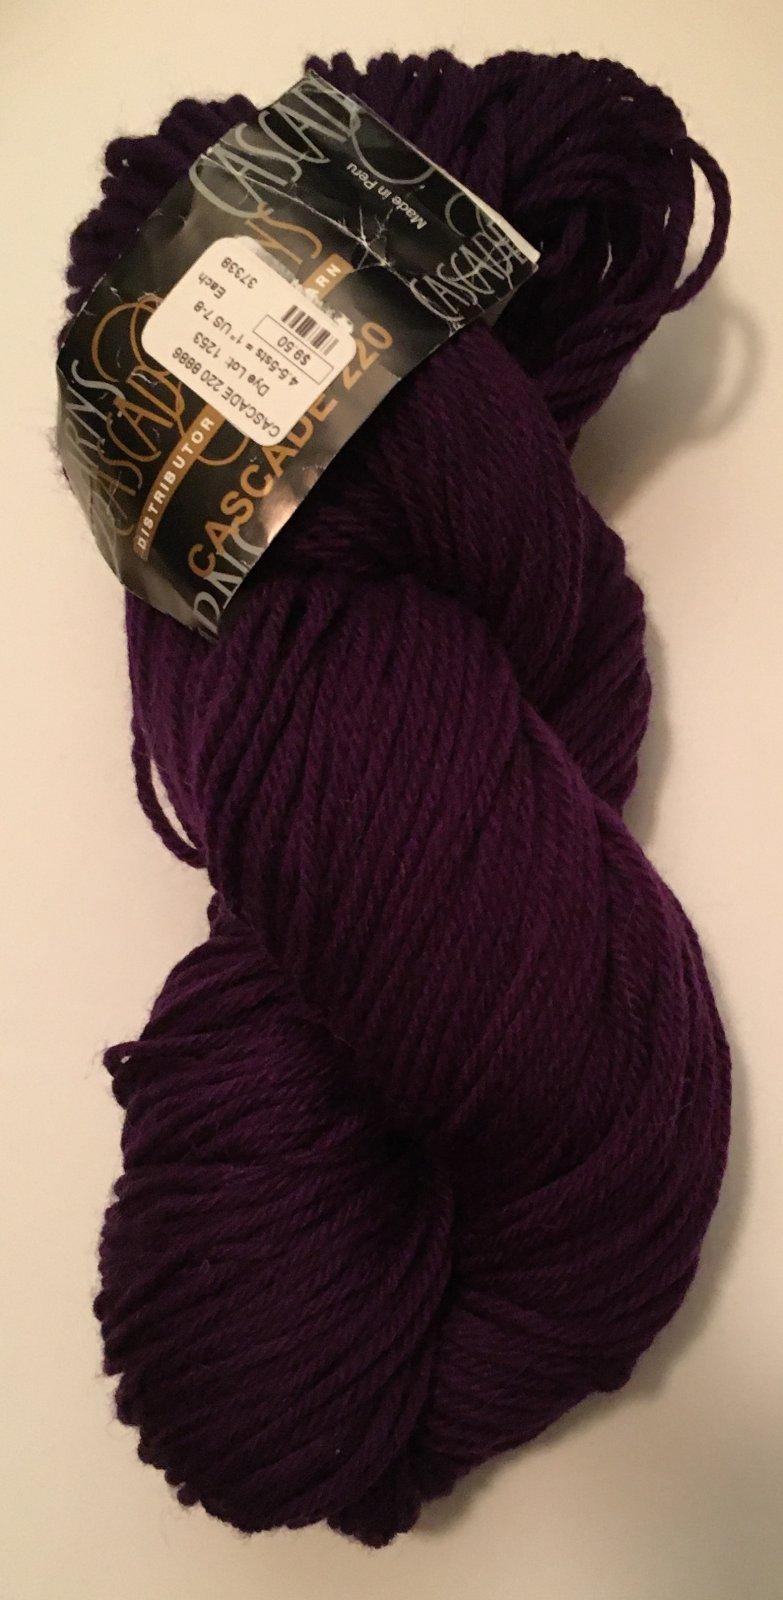 color 8886 Cascade Yarn in purple